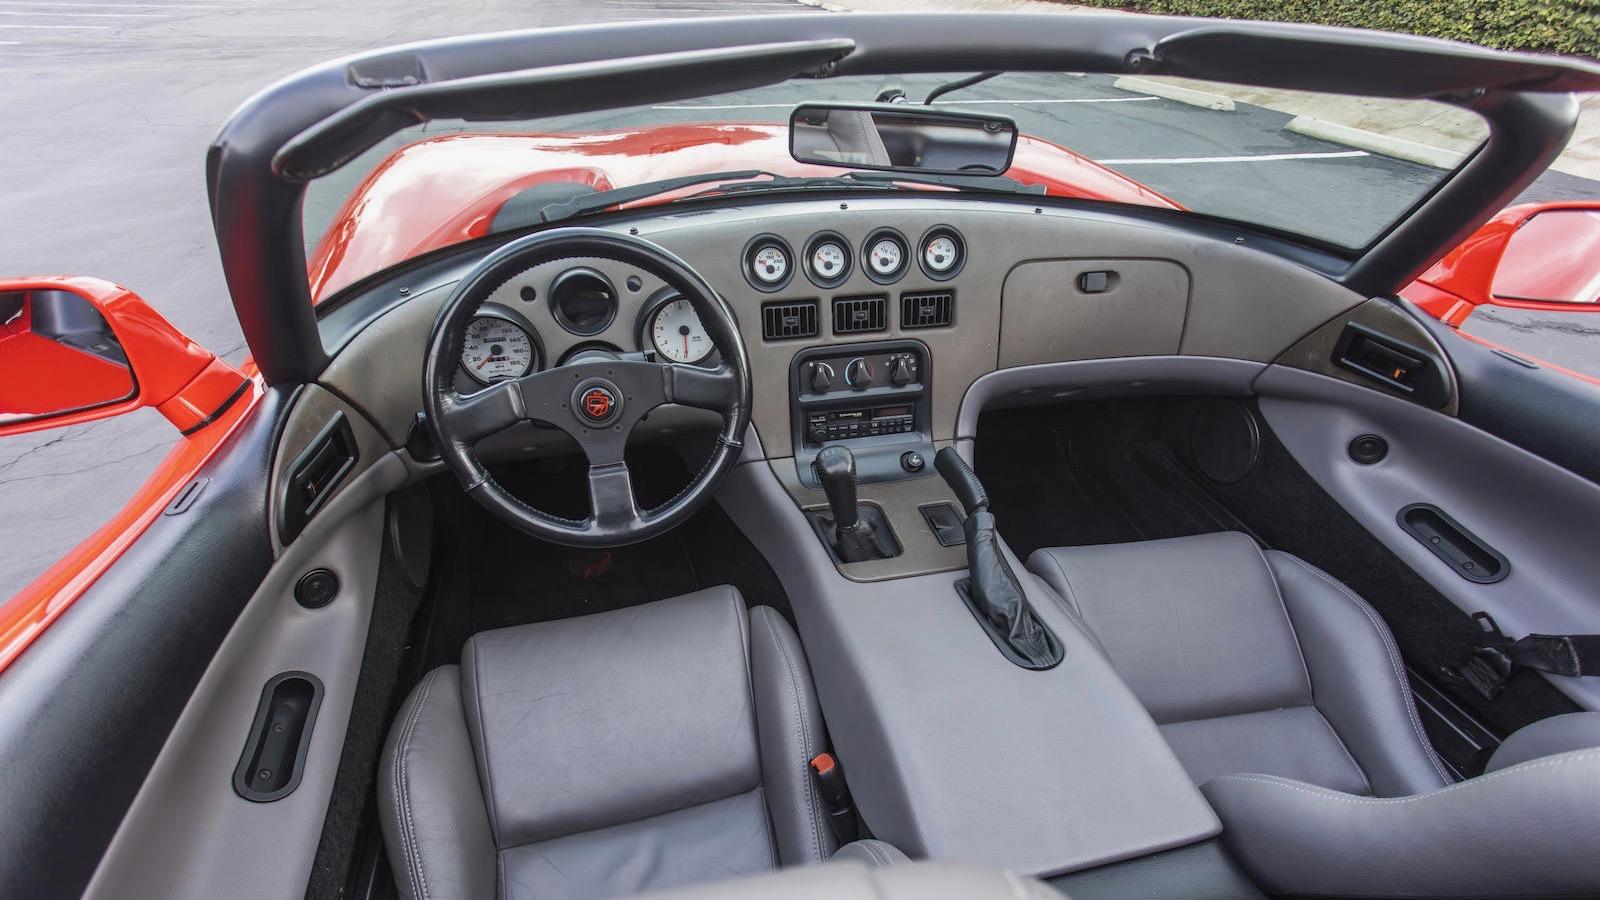 Первый в мире Dodge Viper продали вдвое дороже запланированного 3